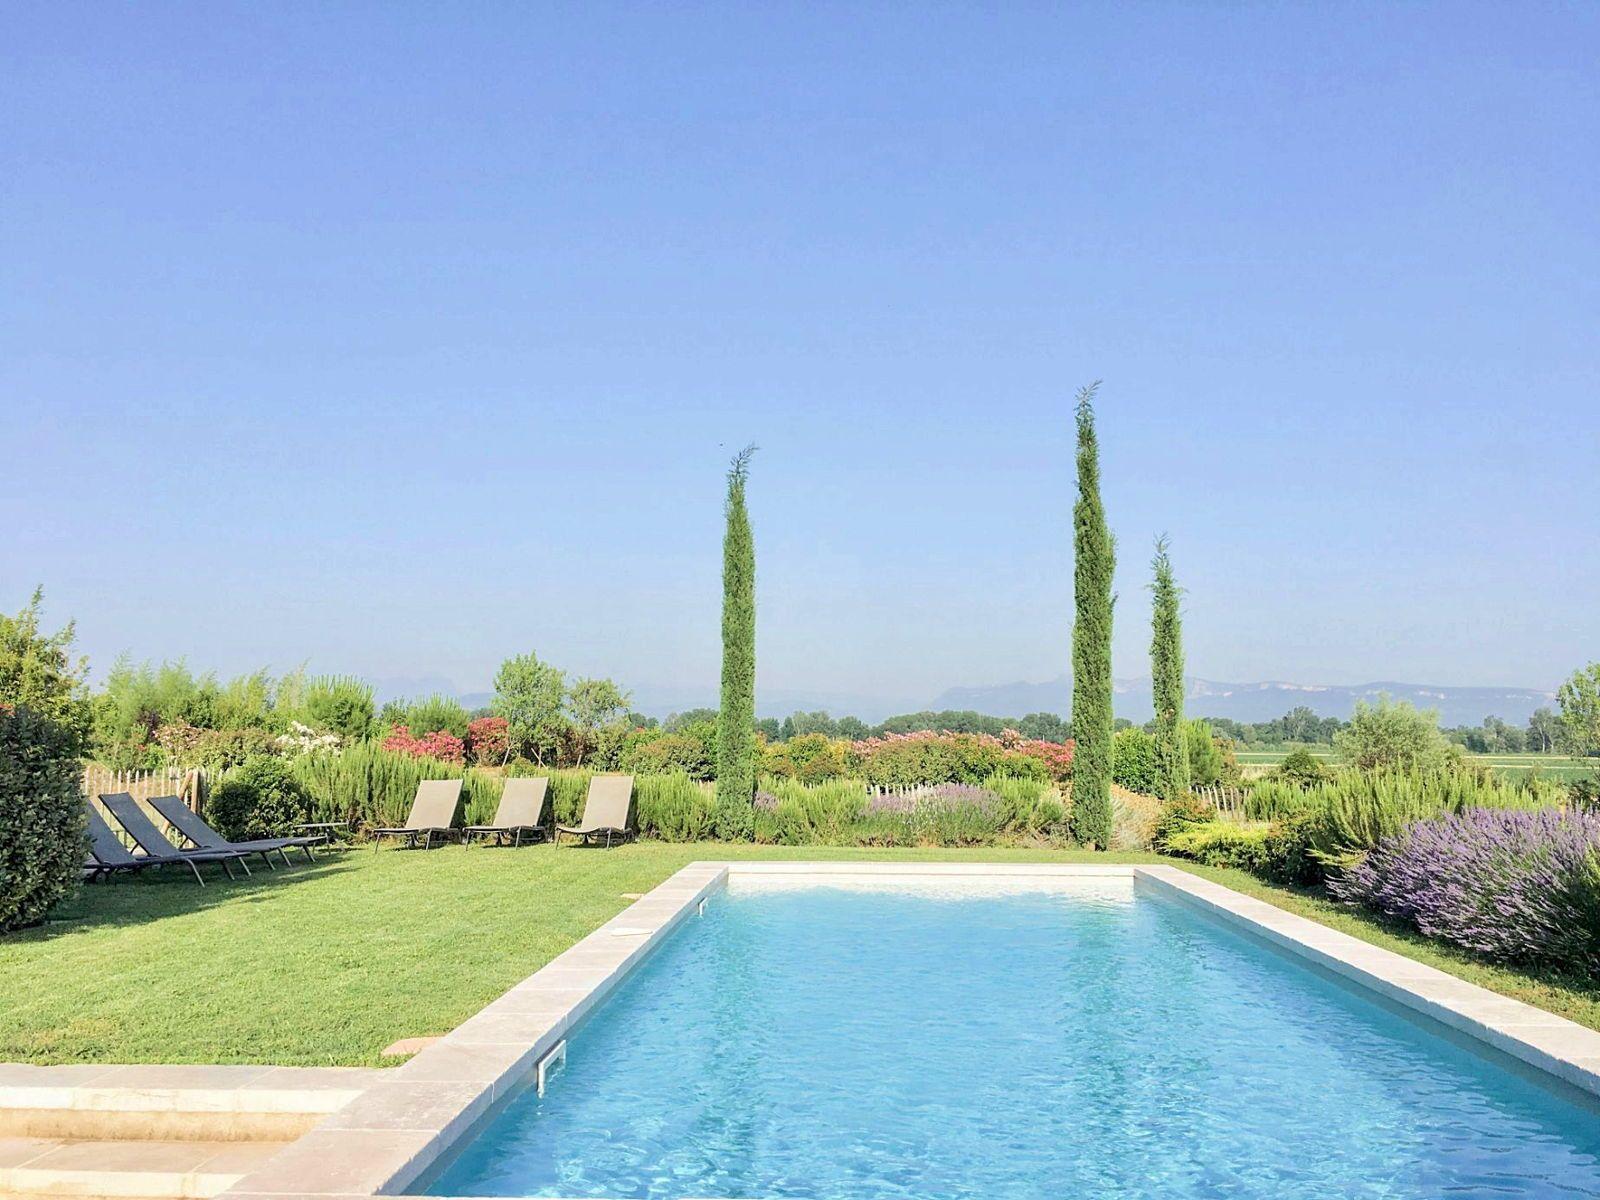 Loue maison de campagne de charme - Drôme Provençale - 8personnes